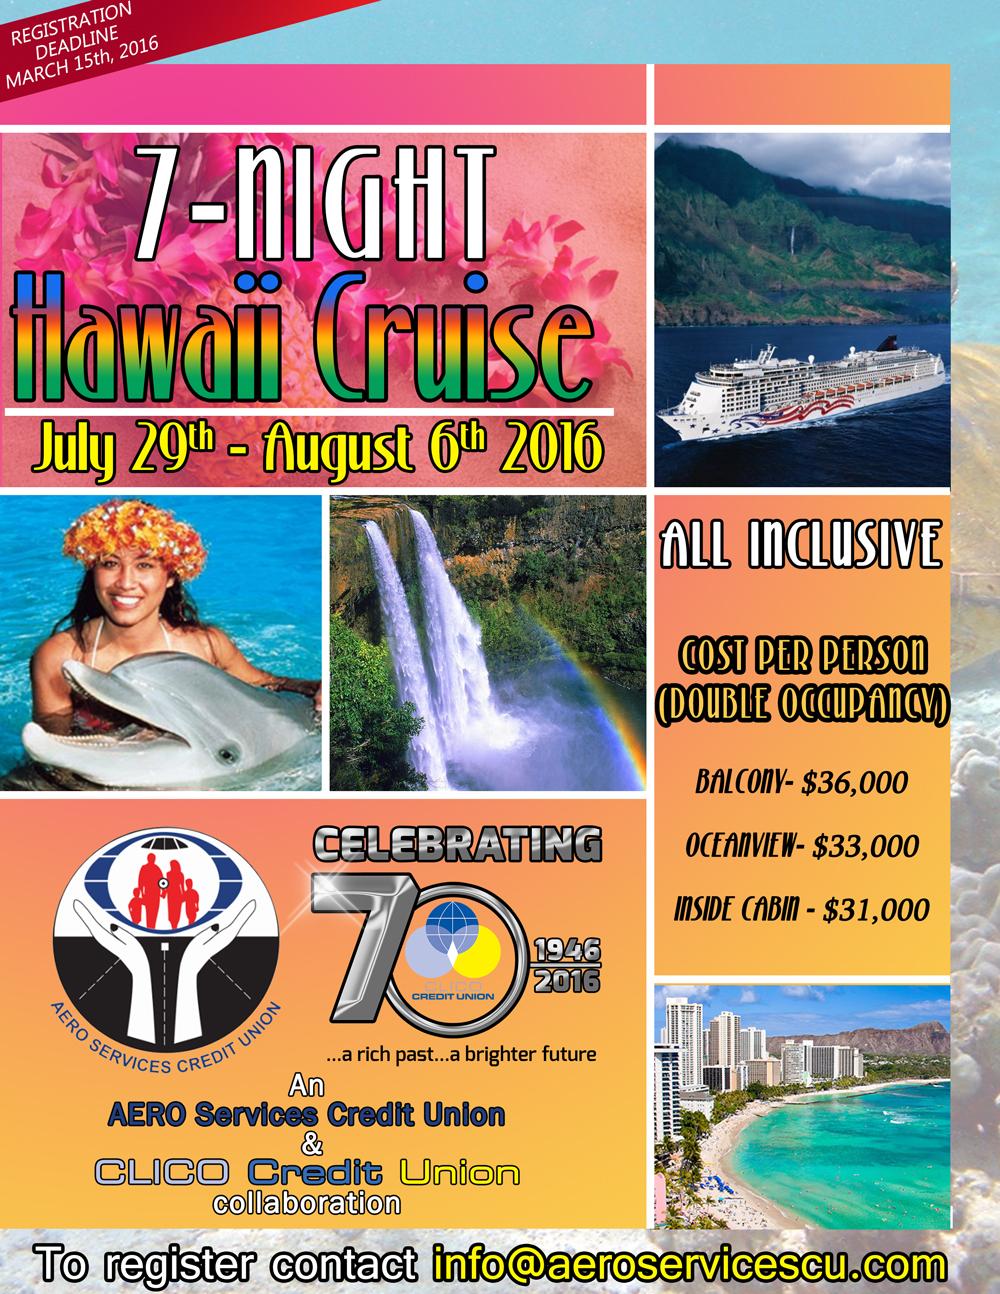 Hawaii-Cruise-2016-AERO-CU